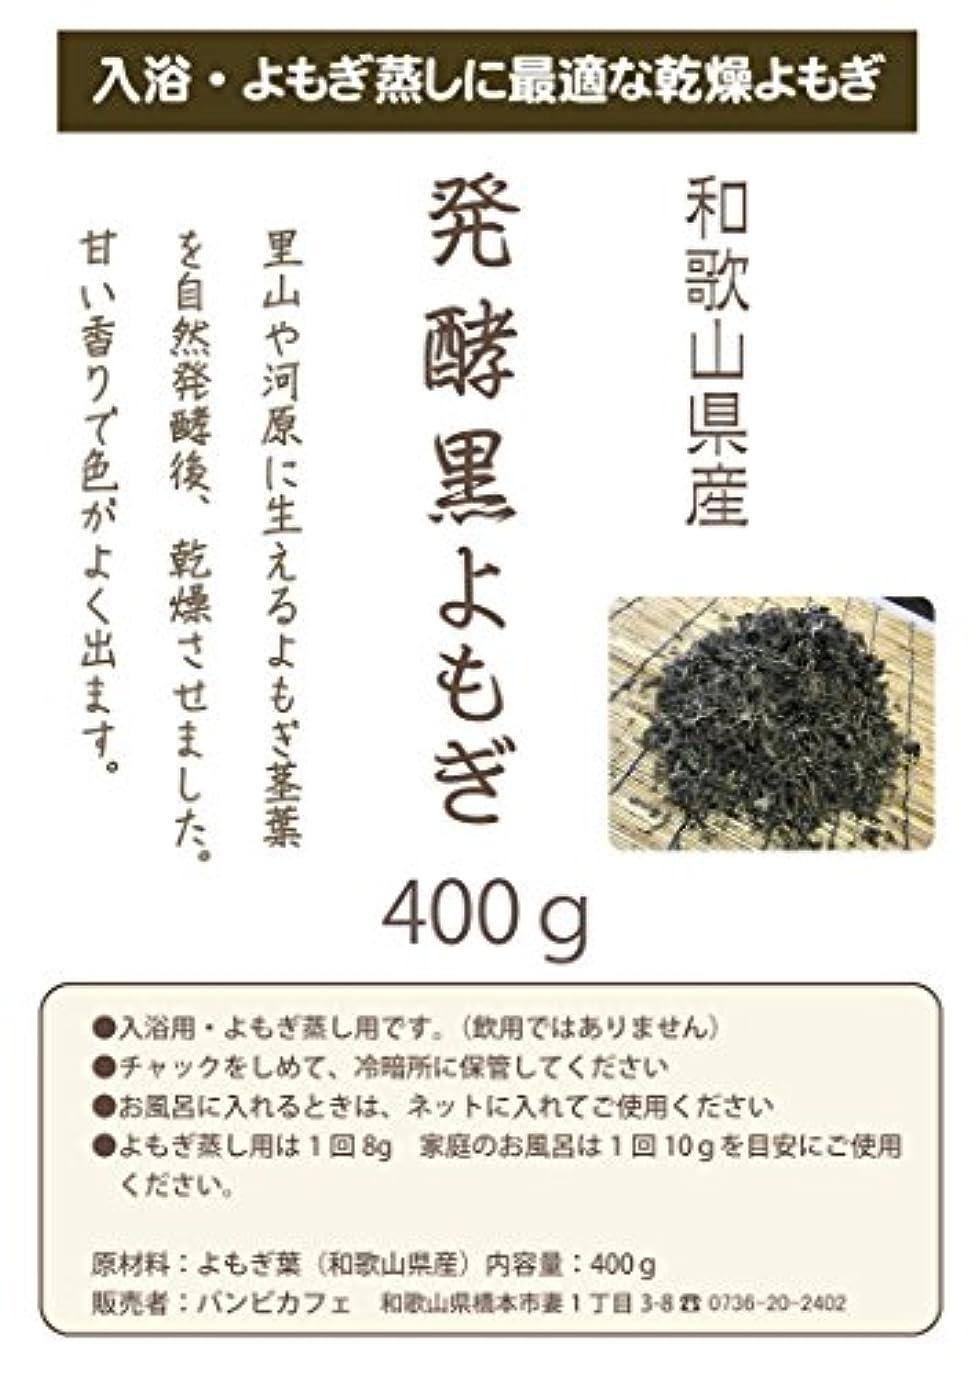 予測する底なめらか発酵黒よもぎ 400g 乾燥 和歌山県産 入浴用に特化発酵 黒 よもぎ